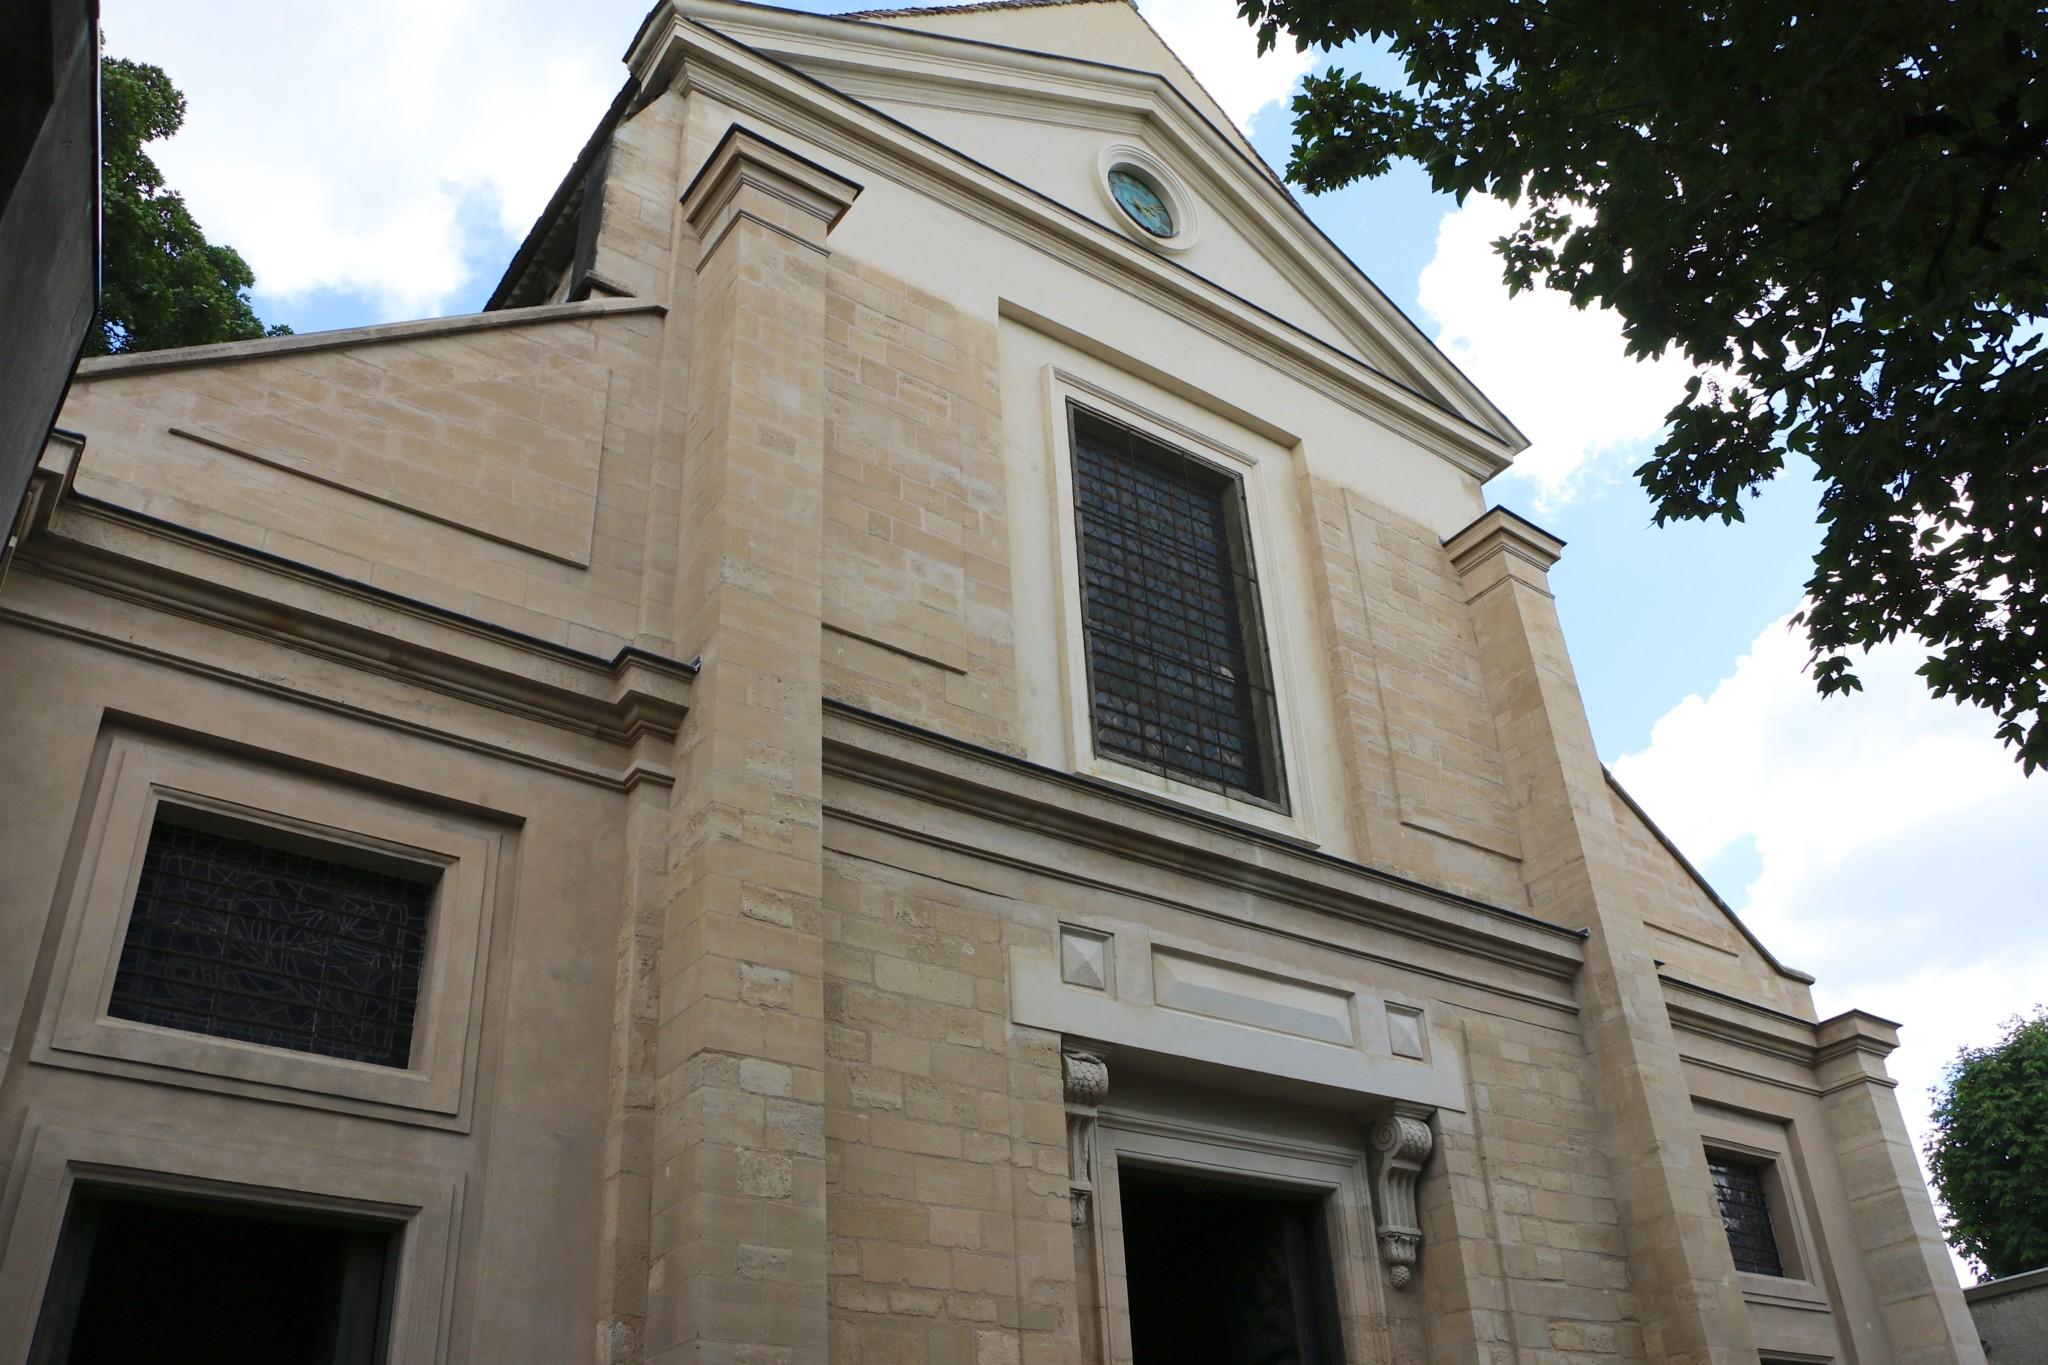 Saint-Pierre de Montmartre